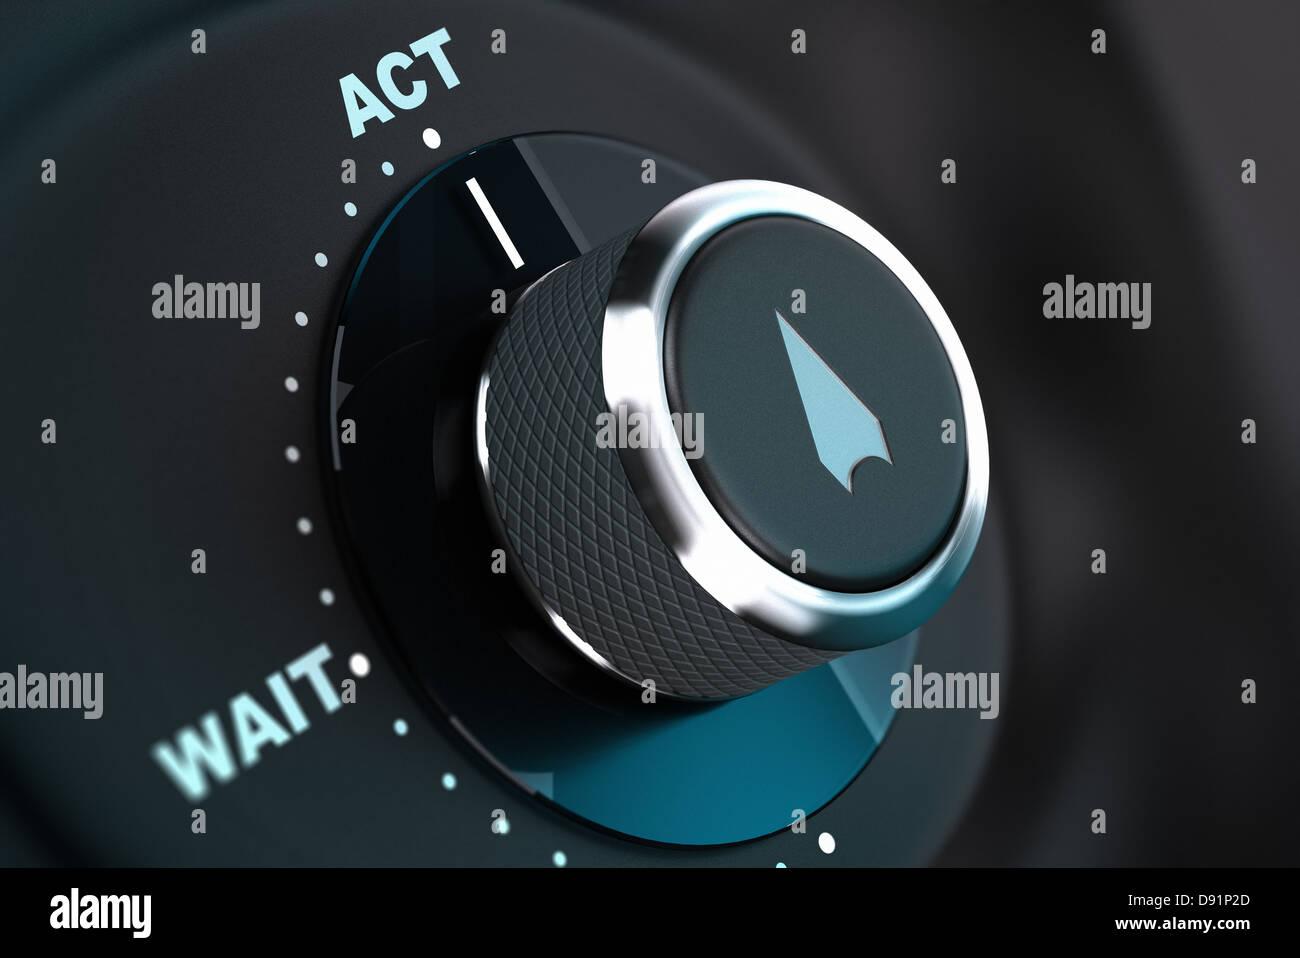 Botón de decisión con las palabras esperar y actuar, el botón de la flecha apuntando a la palabra Imagen De Stock